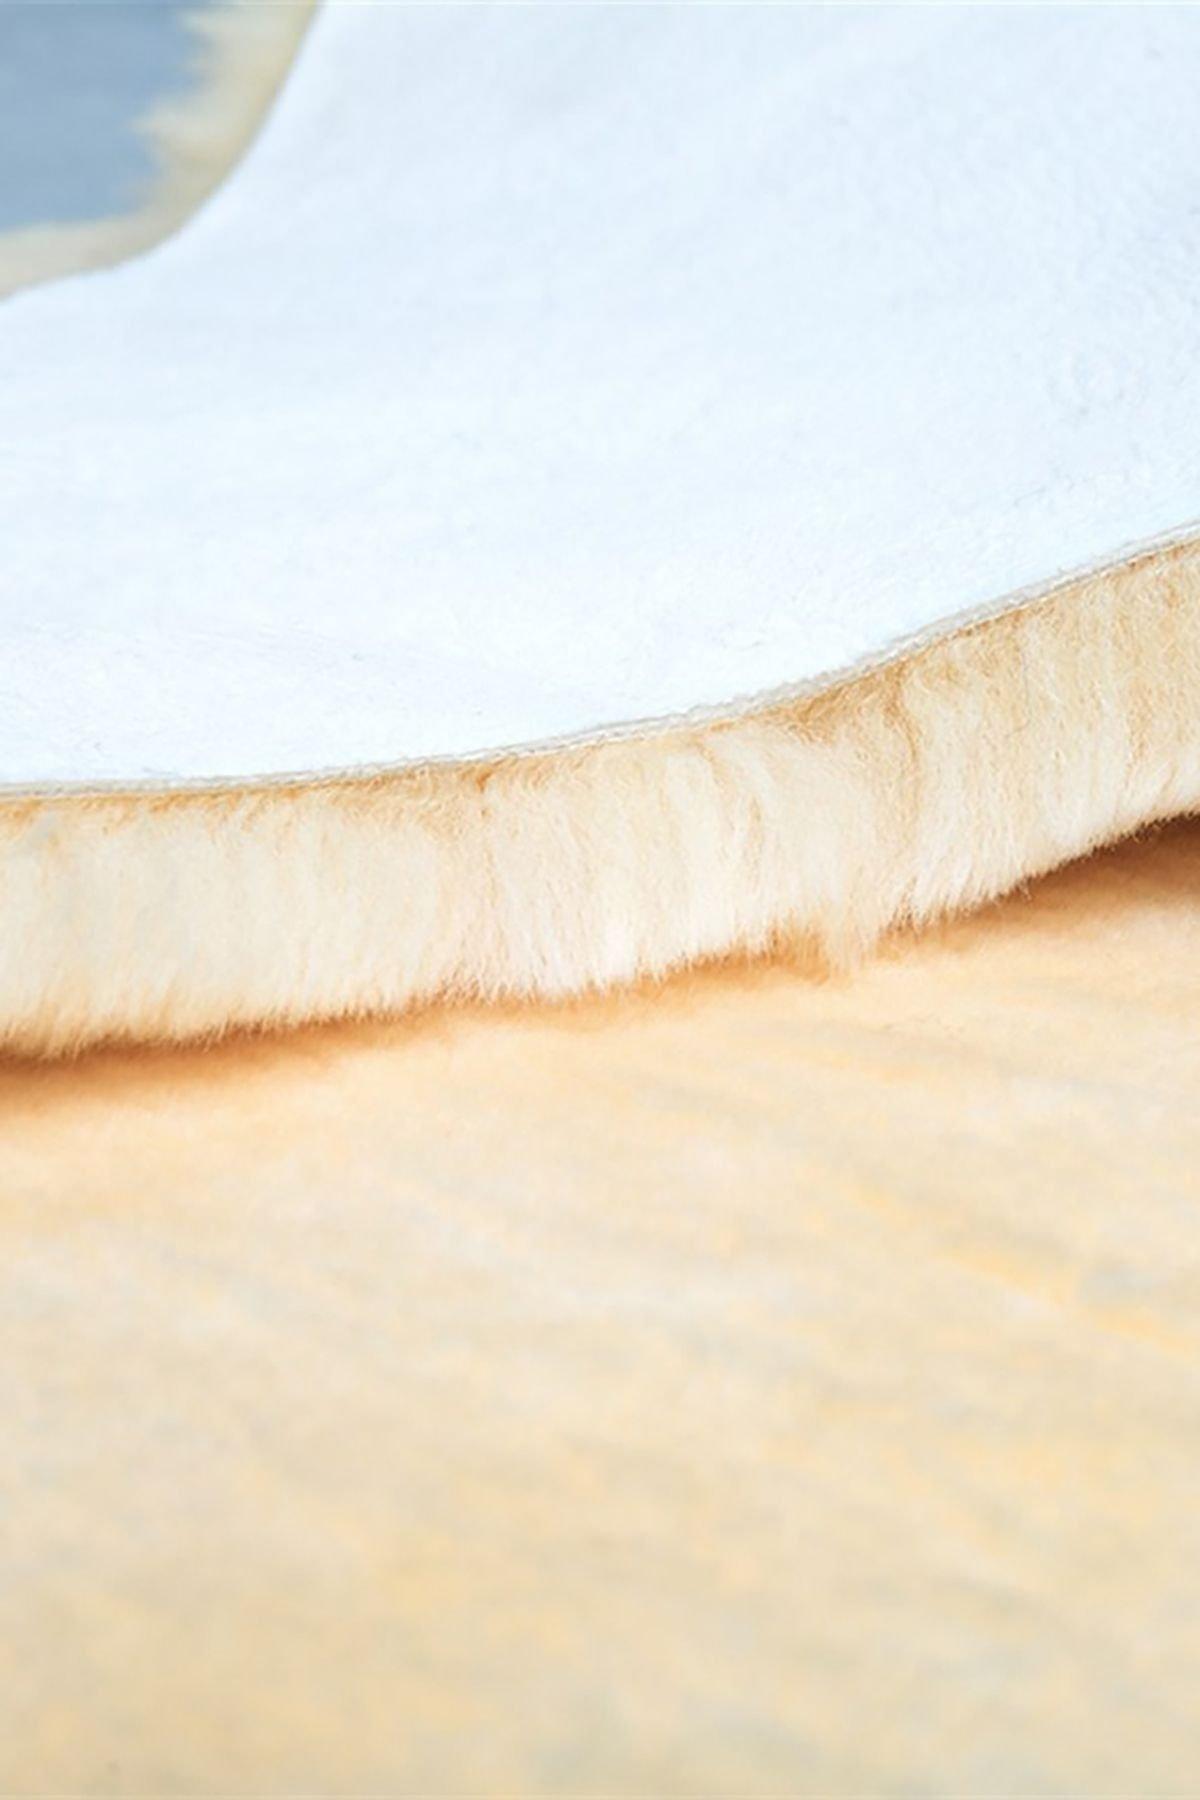 Sheepy Care Medical Sheepskin For Bed MDK001 Natural